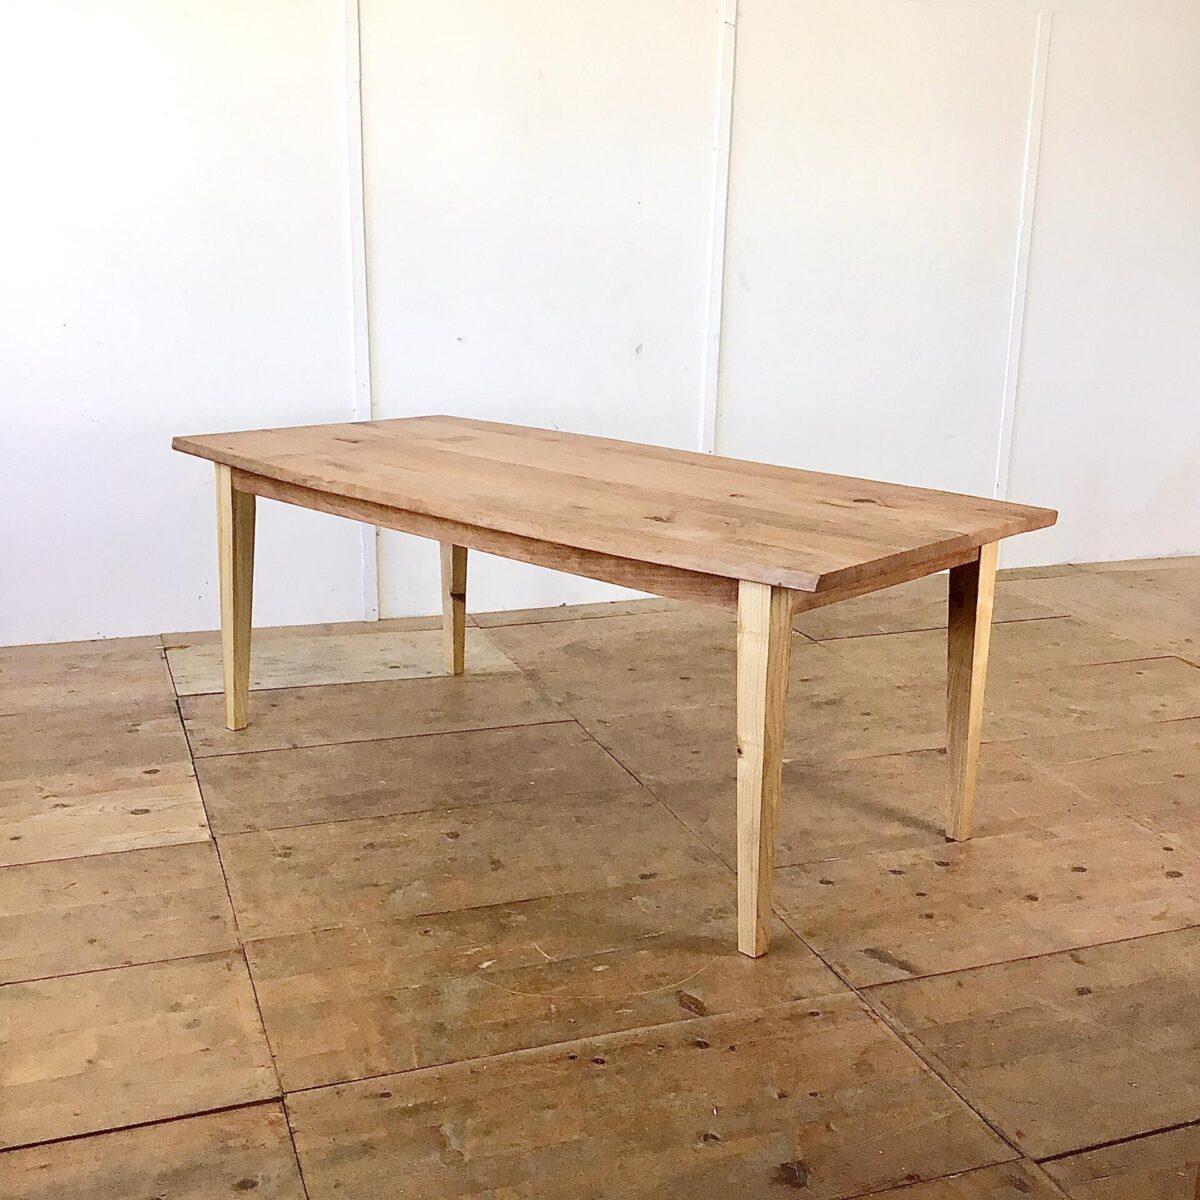 deuxieme.shop Birnbaum Tisch mit Eschenholz Beinen. 197 x 90cm Höhe 75cm. Die Baumkanten an den Längsseiten sind etwas geschwungen. Holzoberflächen geölt.